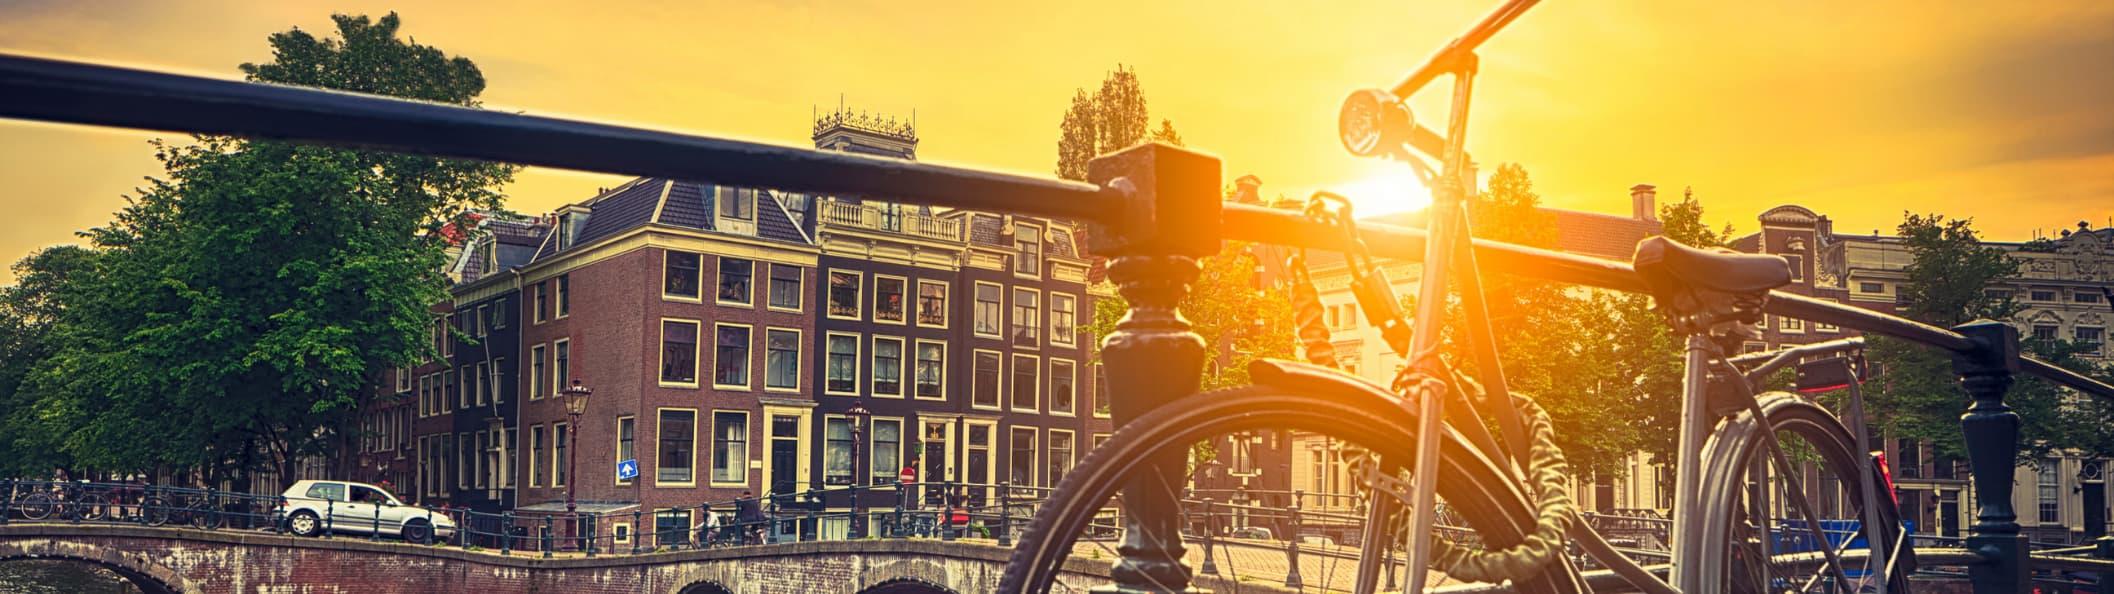 Alquilar una bicicleta en Ámsterdam, Consejos y cosas a tener en cuenta al alquilar una bicicleta en Ámsterdam